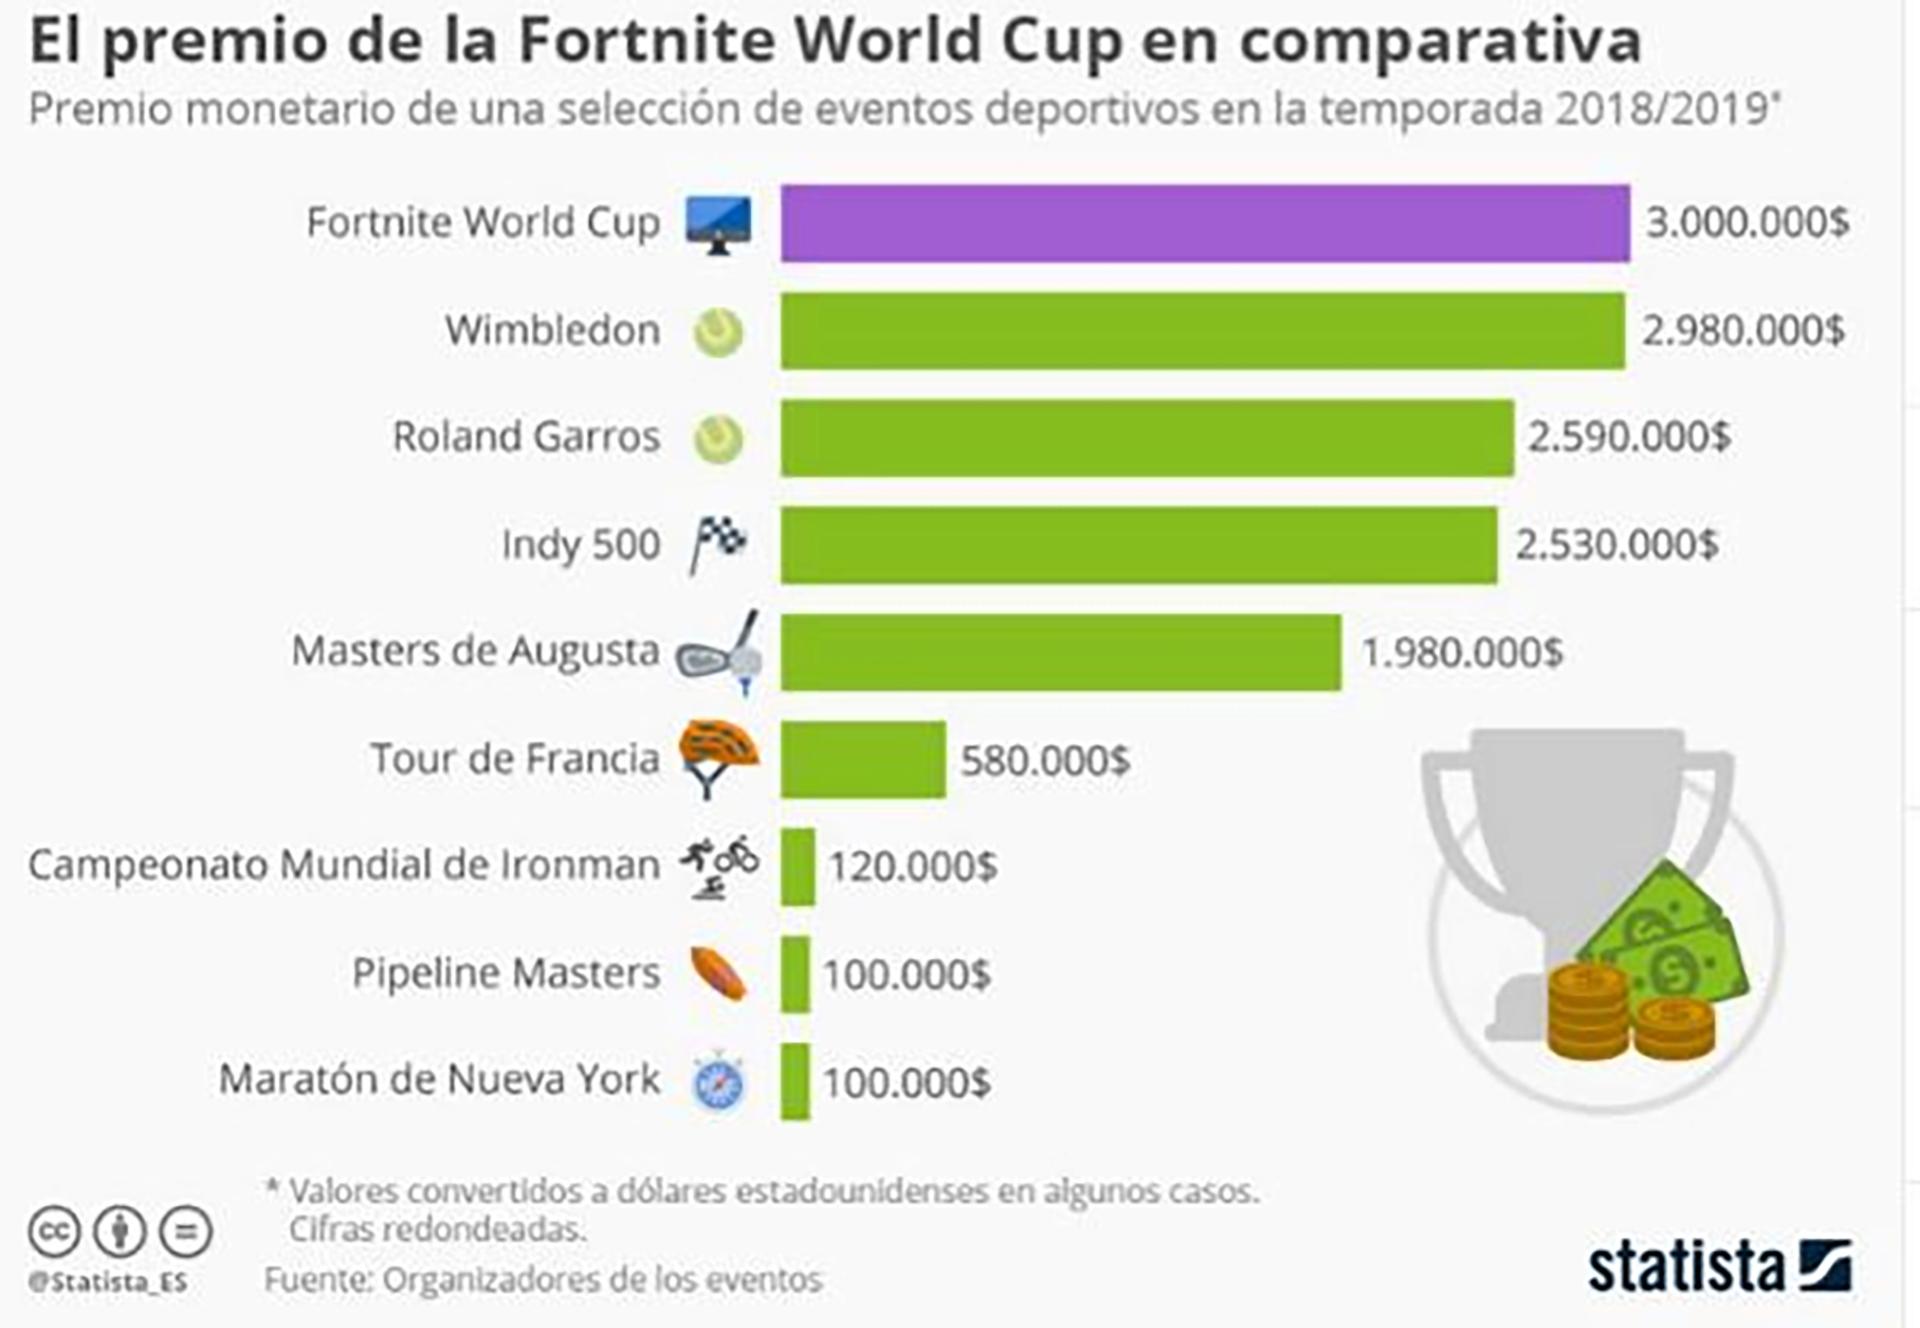 Fuente: Diario El Mundo/Organizadores de e-games / Statista